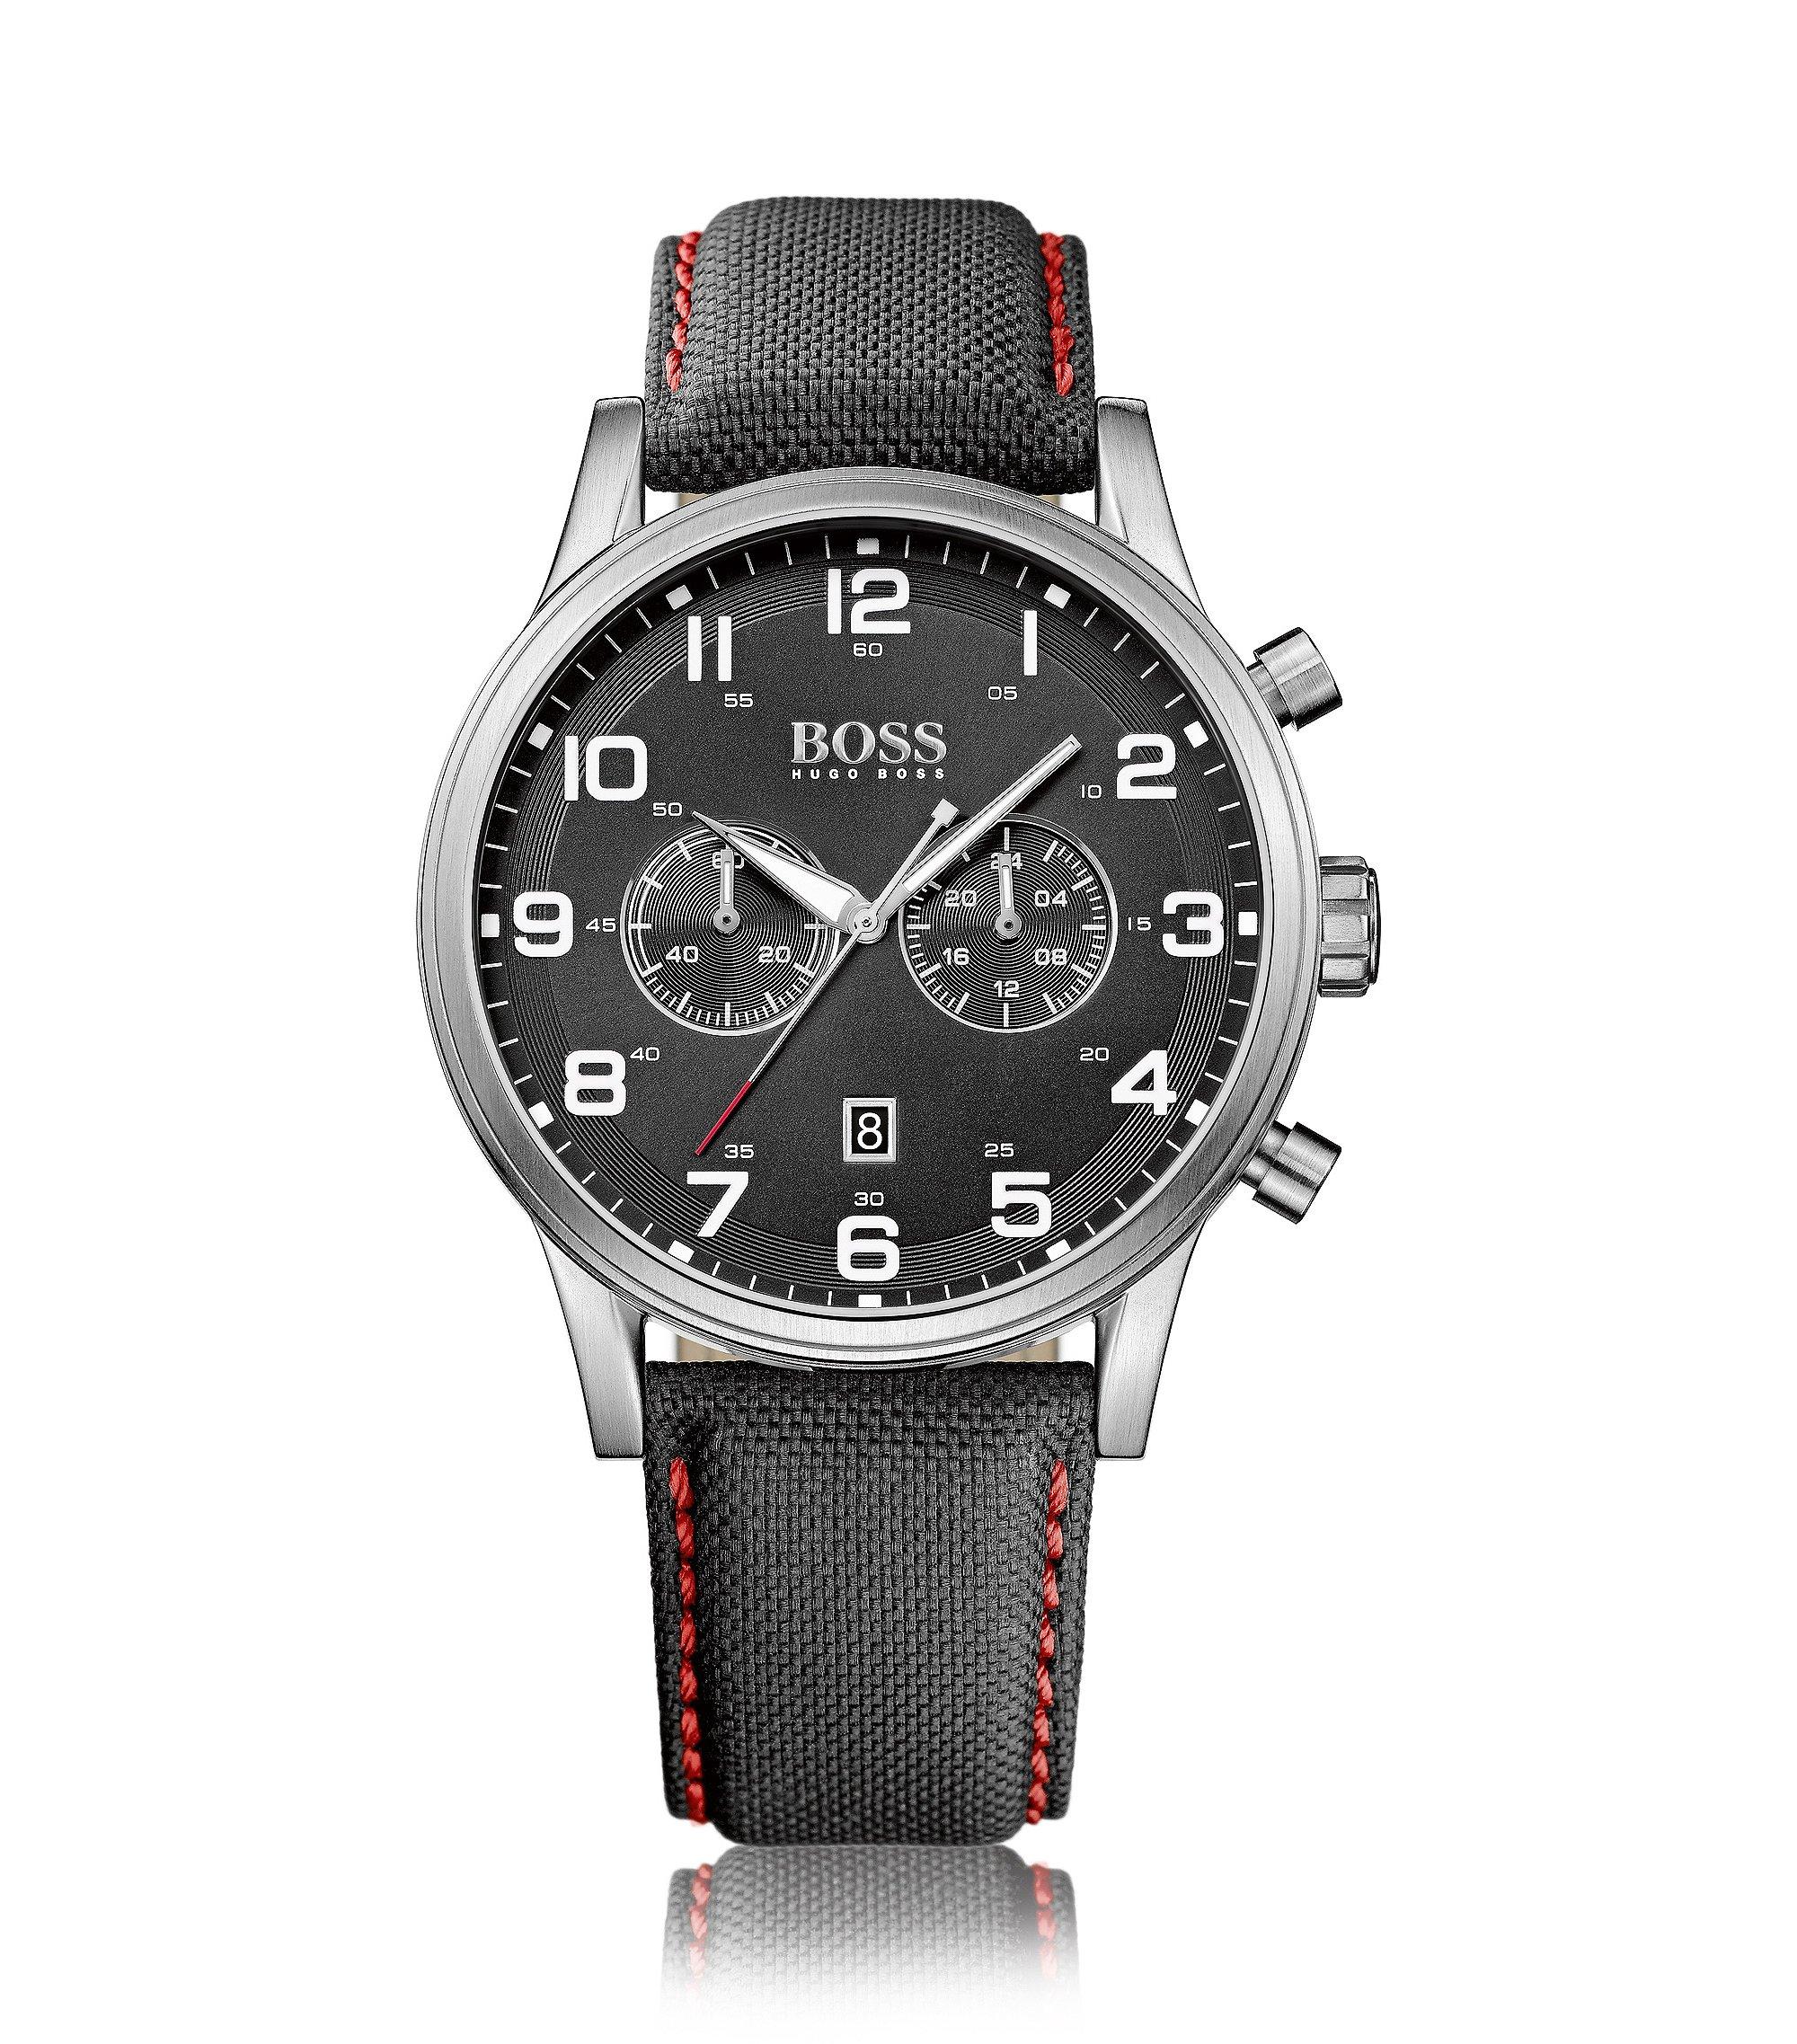 Montre chronographe flyback à deux sous-cadrans en acier inoxydable brossé, avec bracelet en tissu, Noir